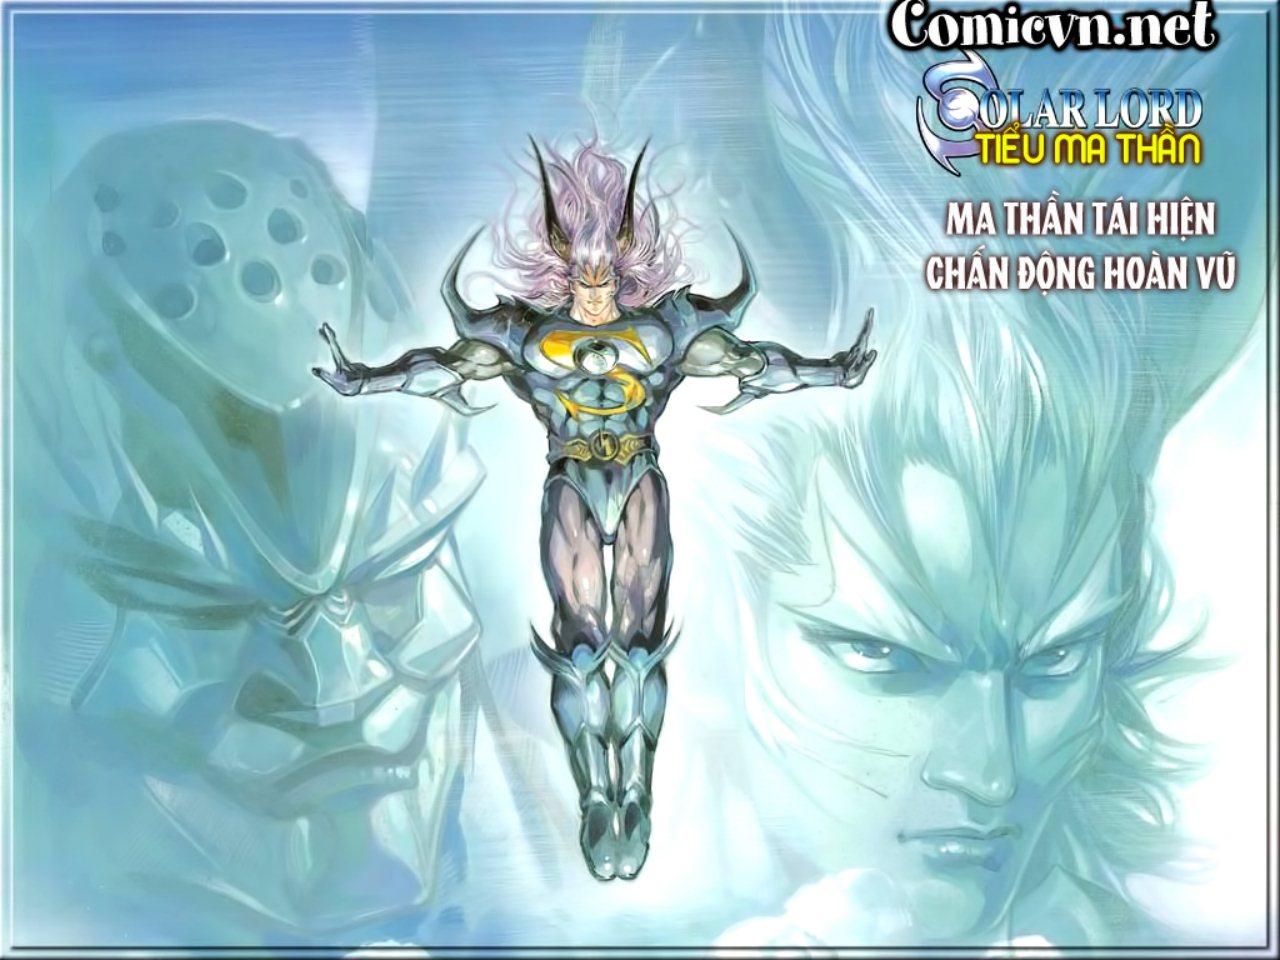 Thiên Tử Truyền Kỳ 5 – Như Lai Thần Chưởng chap 214 – End Trang 41 - Mangak.info